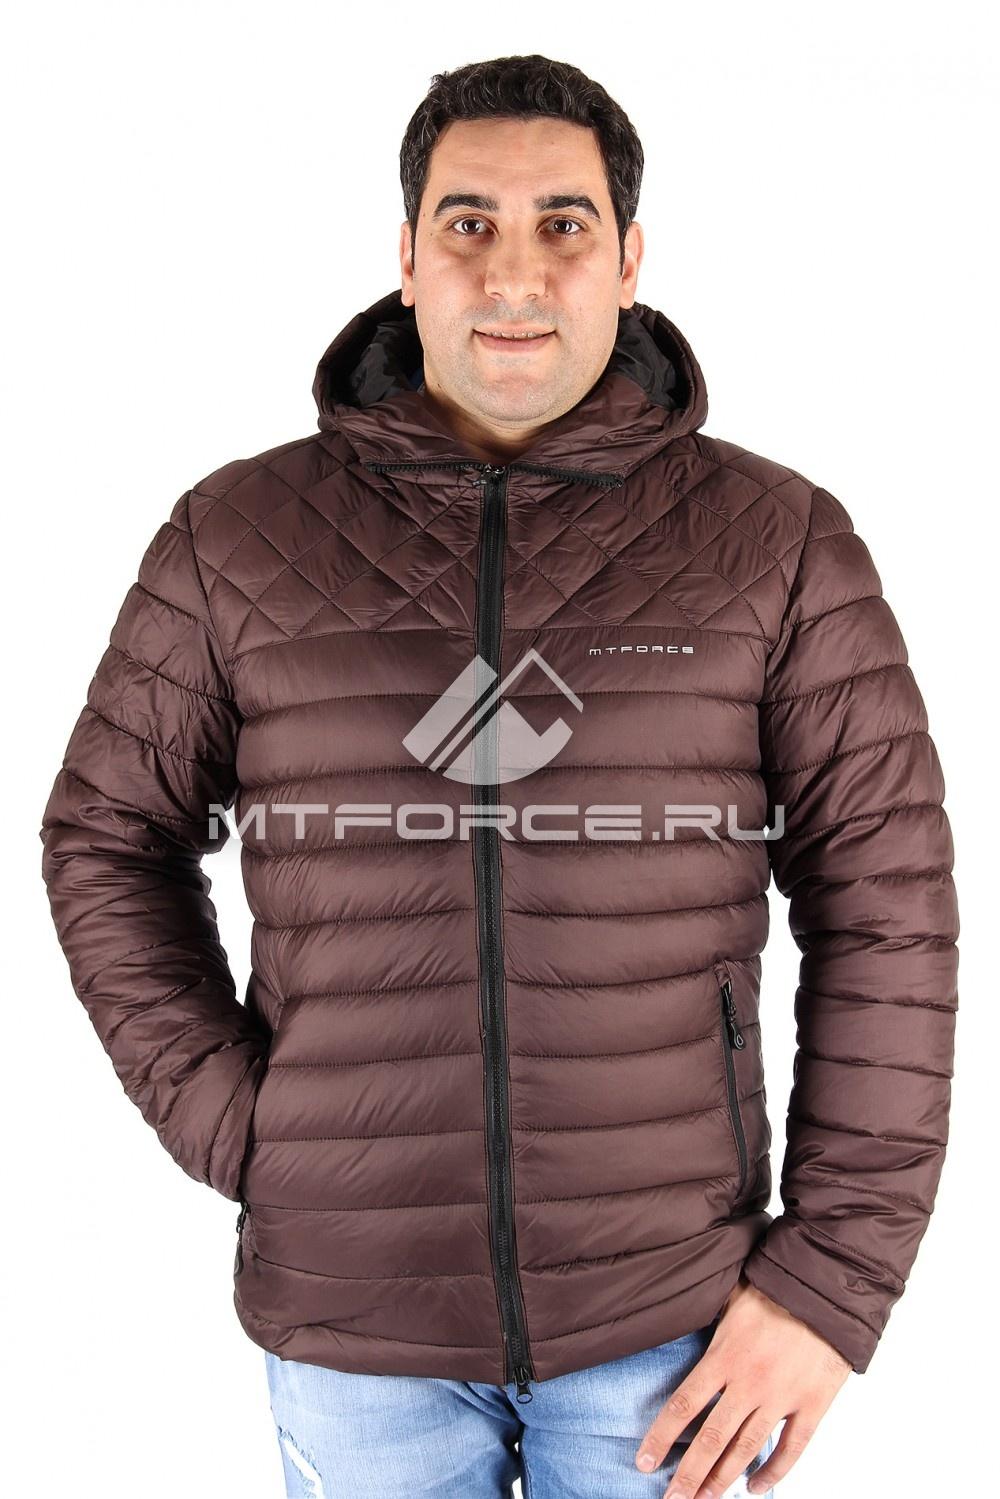 Купить                                  оптом Куртка мужская коричневого цвета 1618К в Санкт-Петербурге